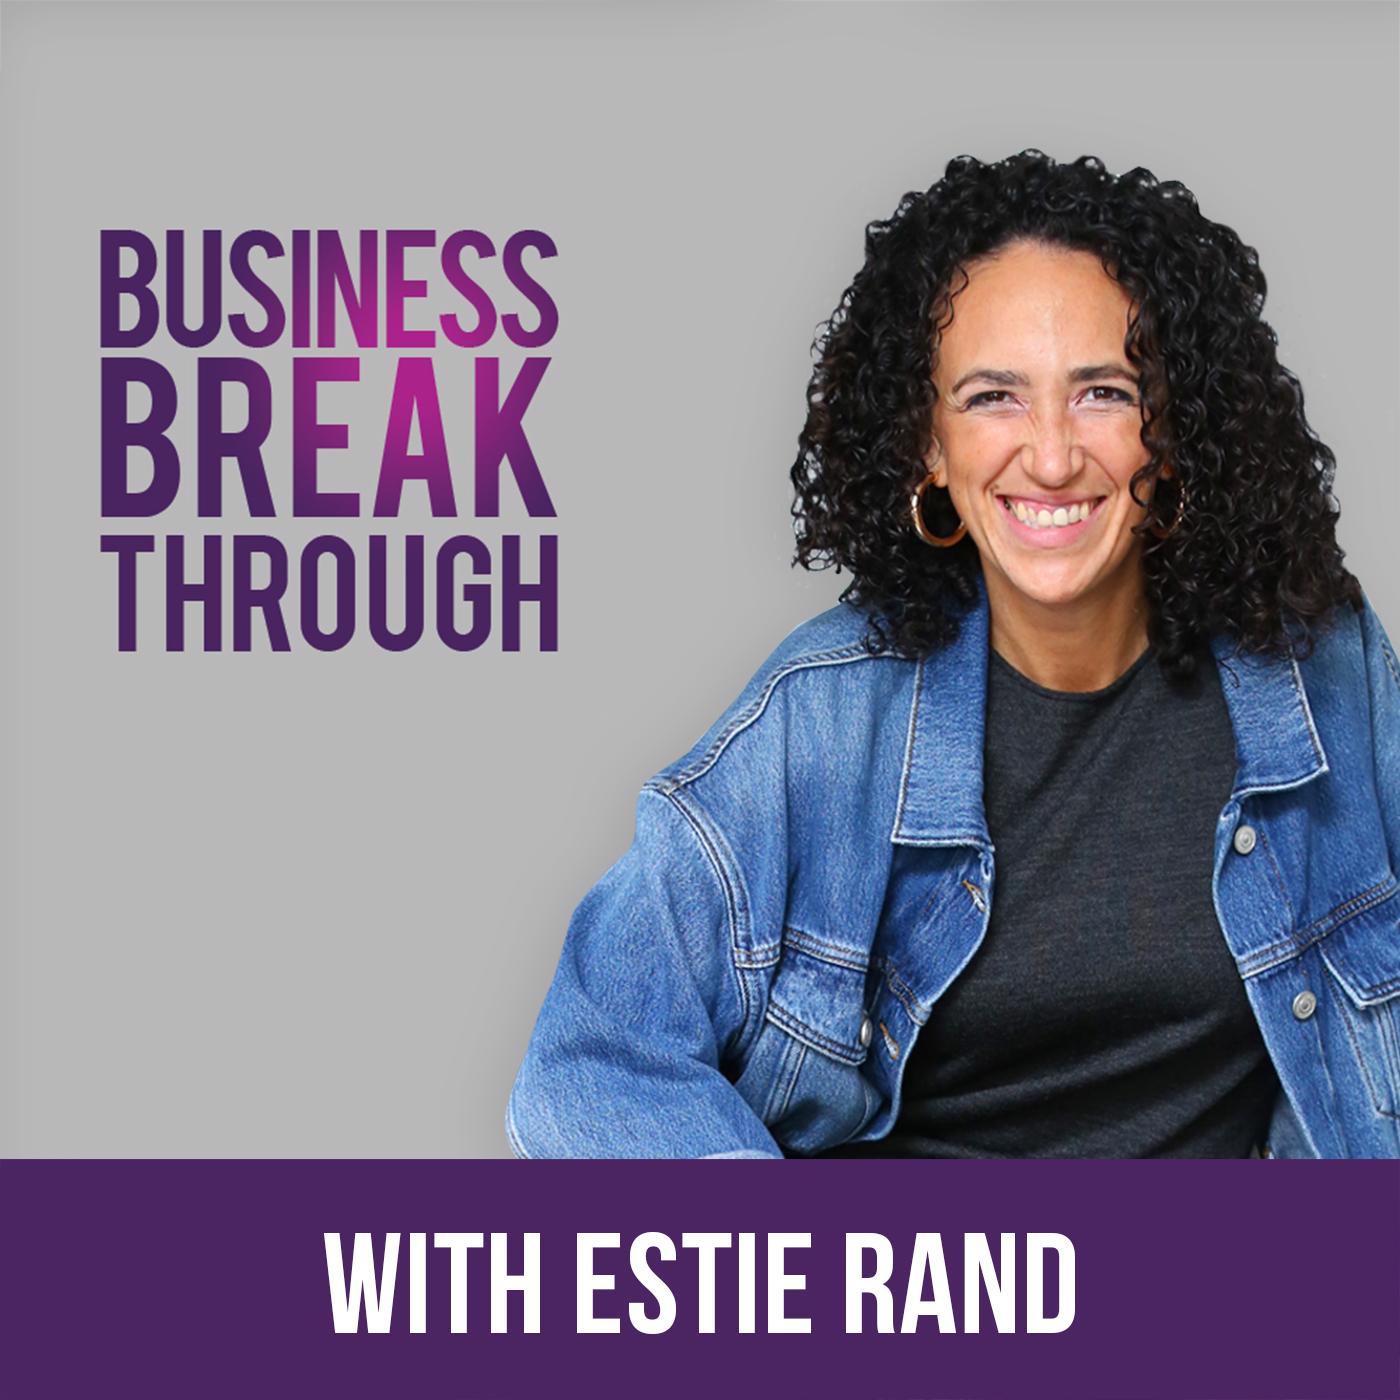 Artwork for podcast Business Breakthrough